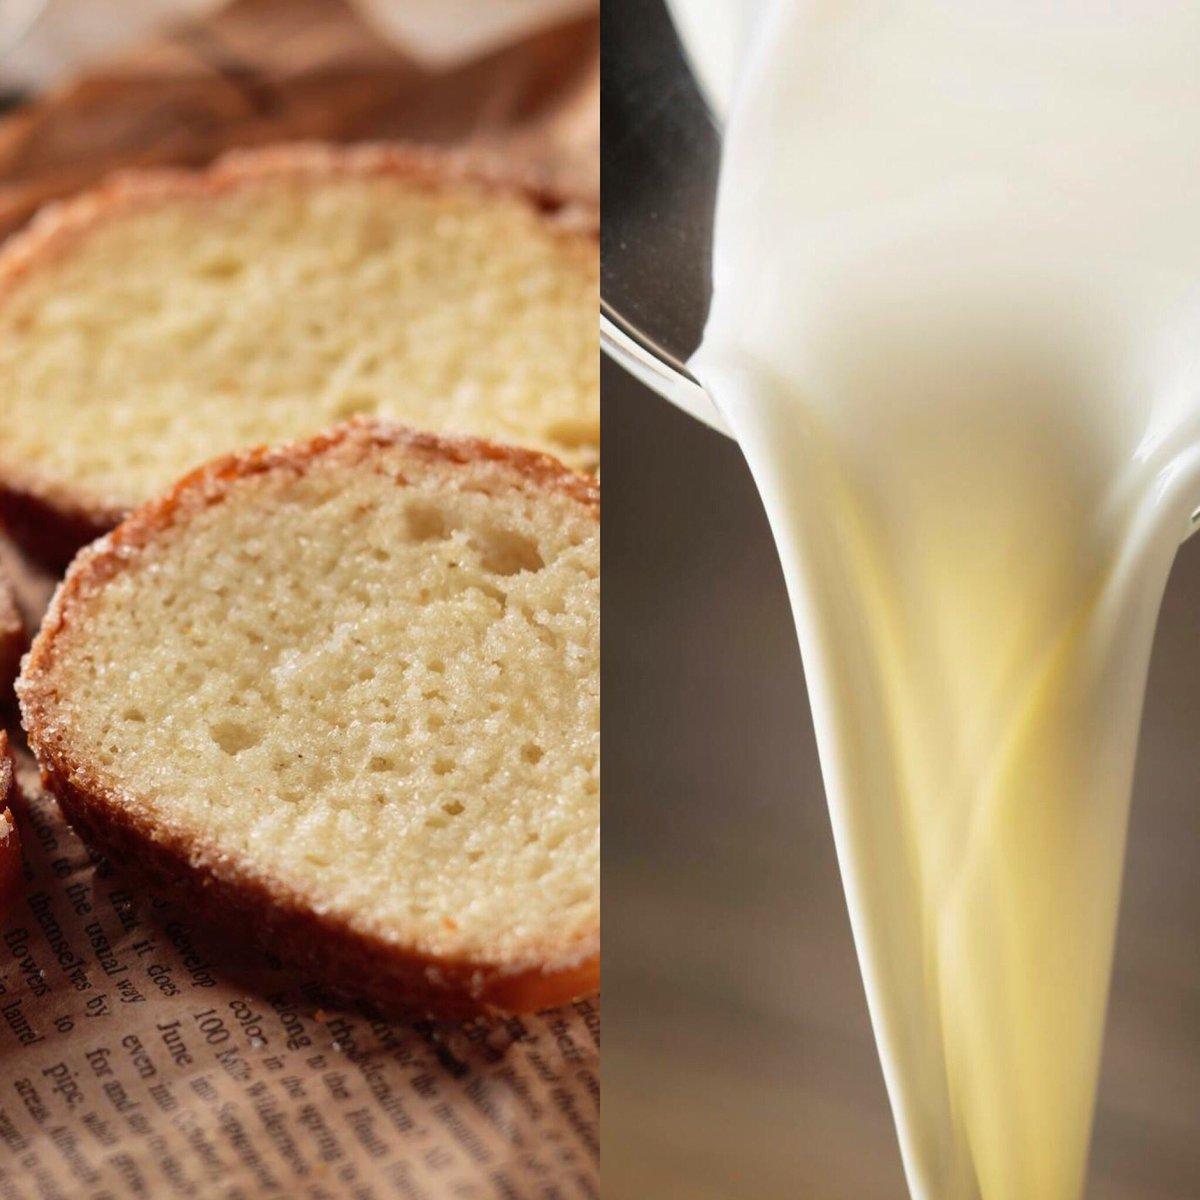 test ツイッターメディア - #バターラスク 専用に開発された牛乳仕込みのフランスパンは旨み深く香り高く、牛乳由来の乳脂肪分で軽やかな焼きあがり。芳醇なバターとの相性もバッチリ👍  おやつに贈り物に、濃厚な美味しさがサックり解けるバターラスクをぜひ。  ご注文はこちらから。 https://t.co/qgJXG8MMLW #たくみにしかわ https://t.co/l8346RKWNS